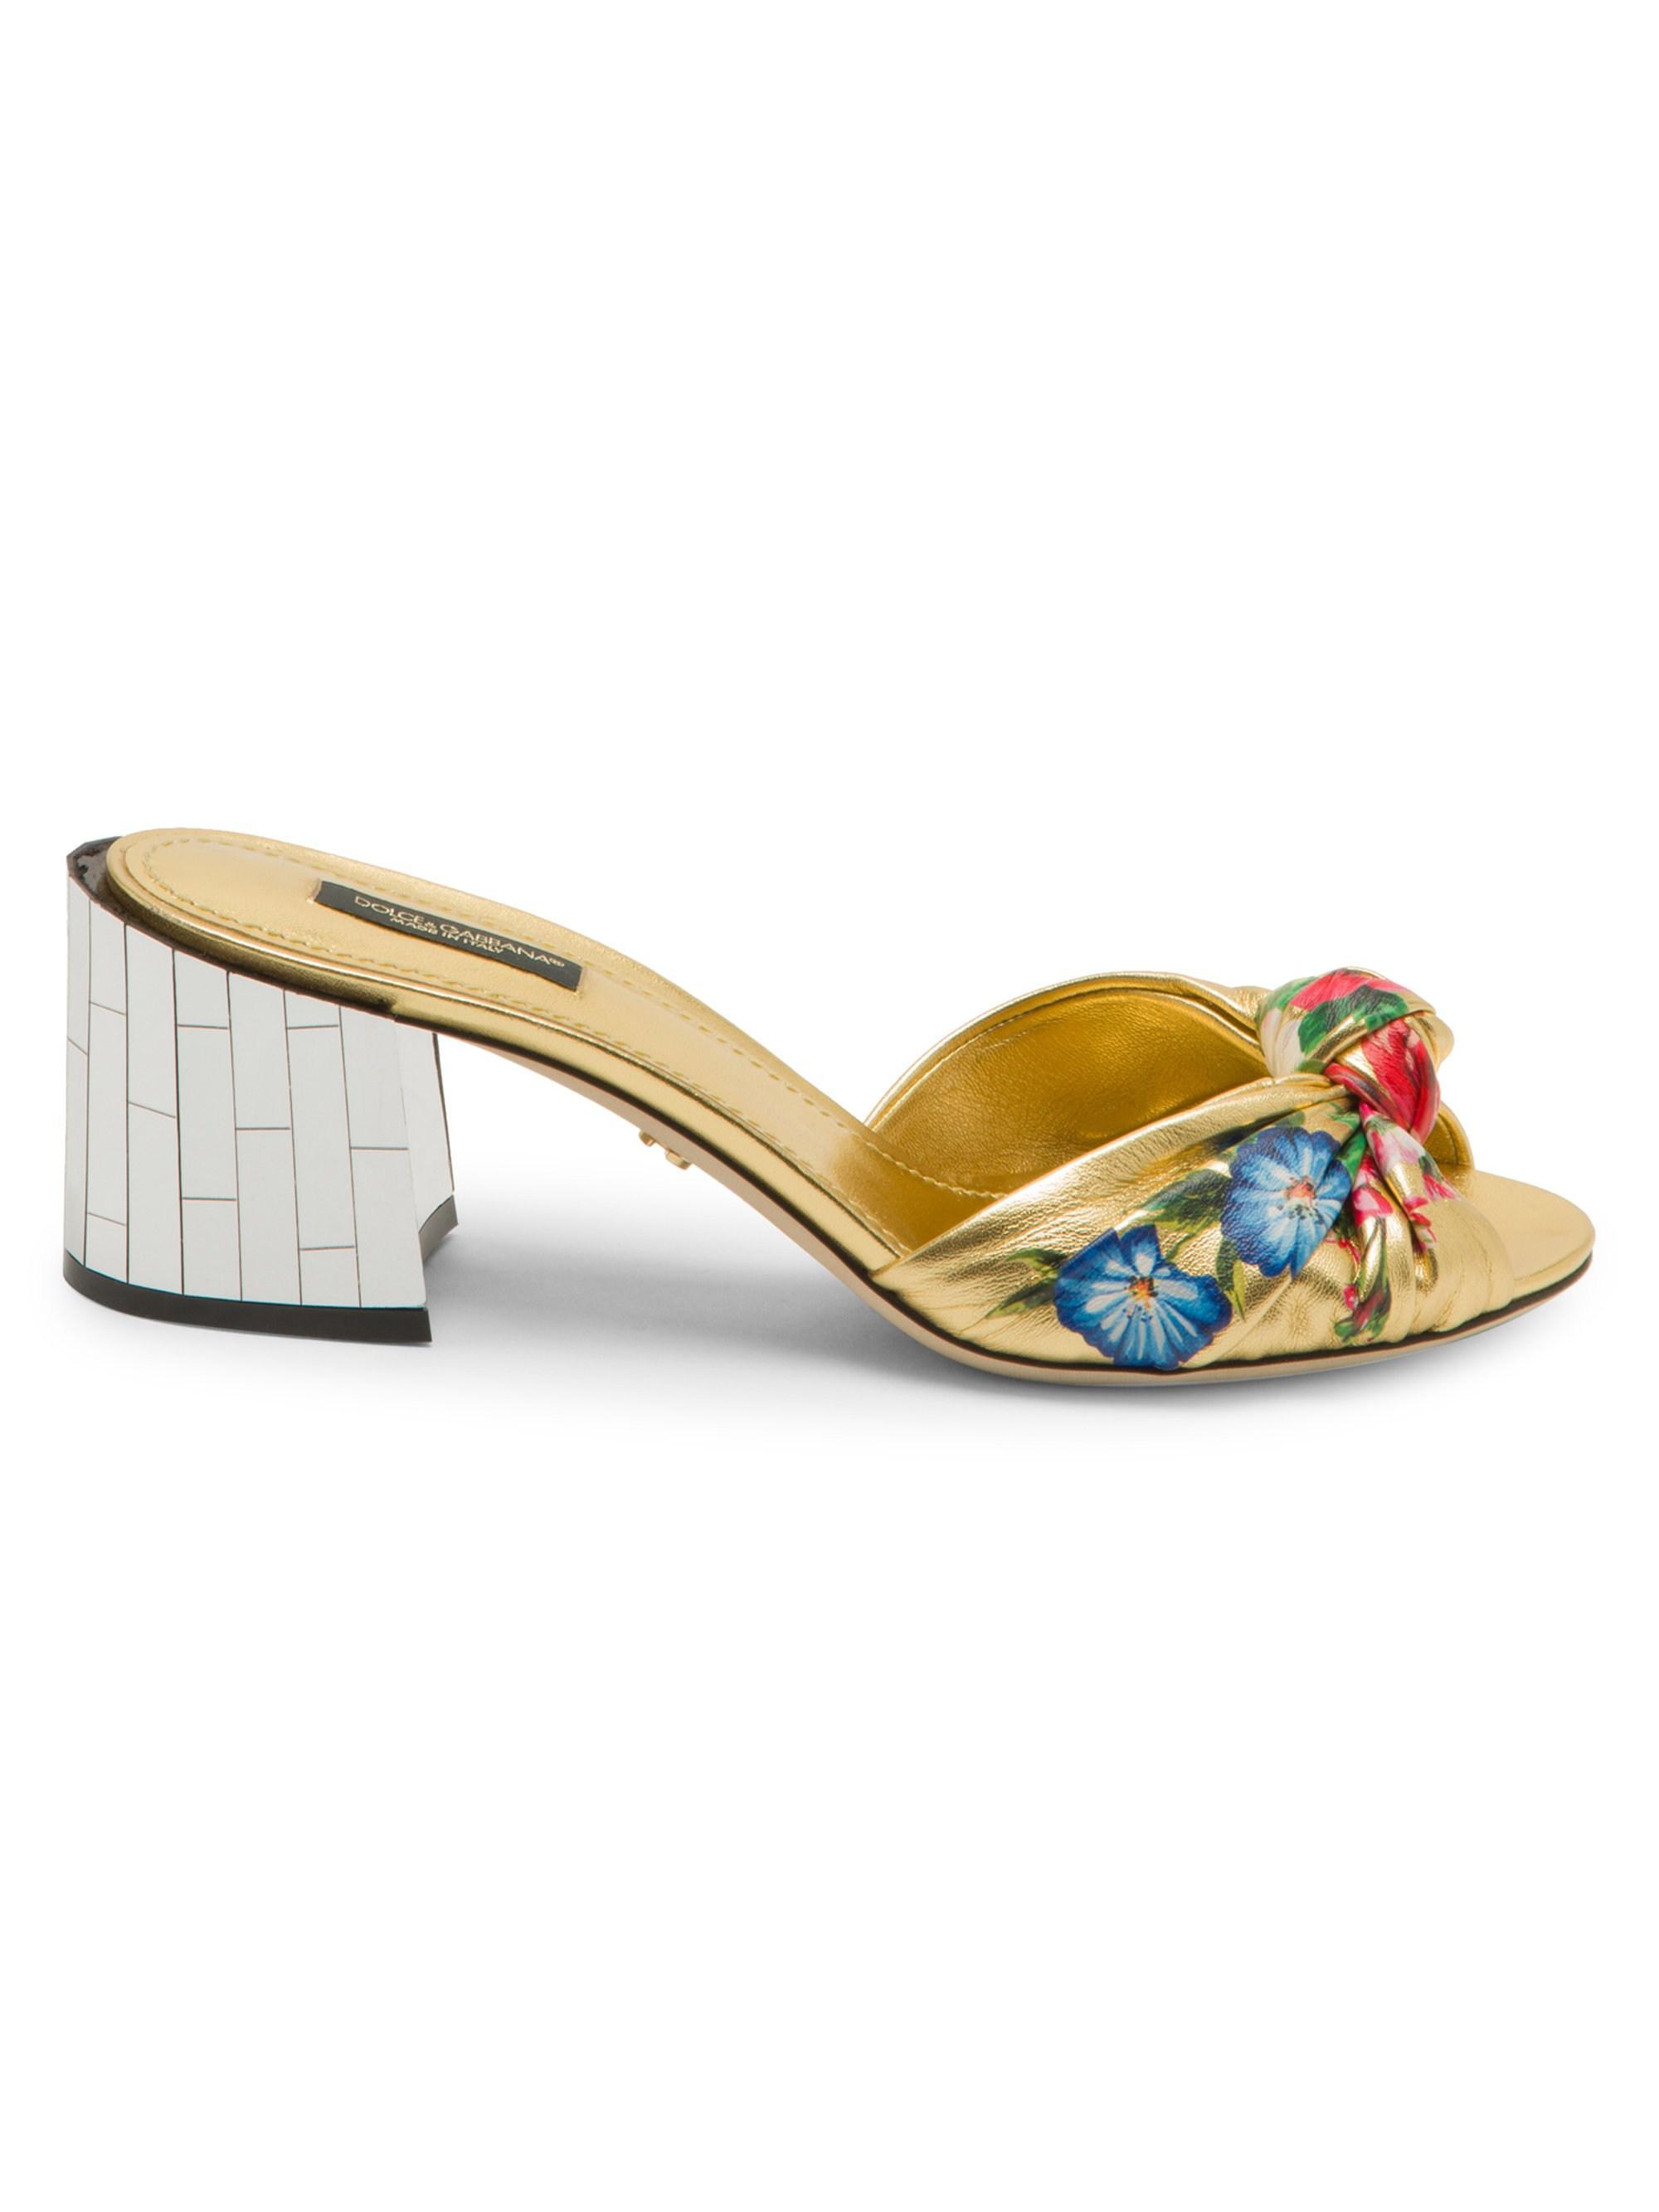 82af3497a68 Lyst - Dolce   Gabbana Women s Floral Knotted Block-heel Slides ...